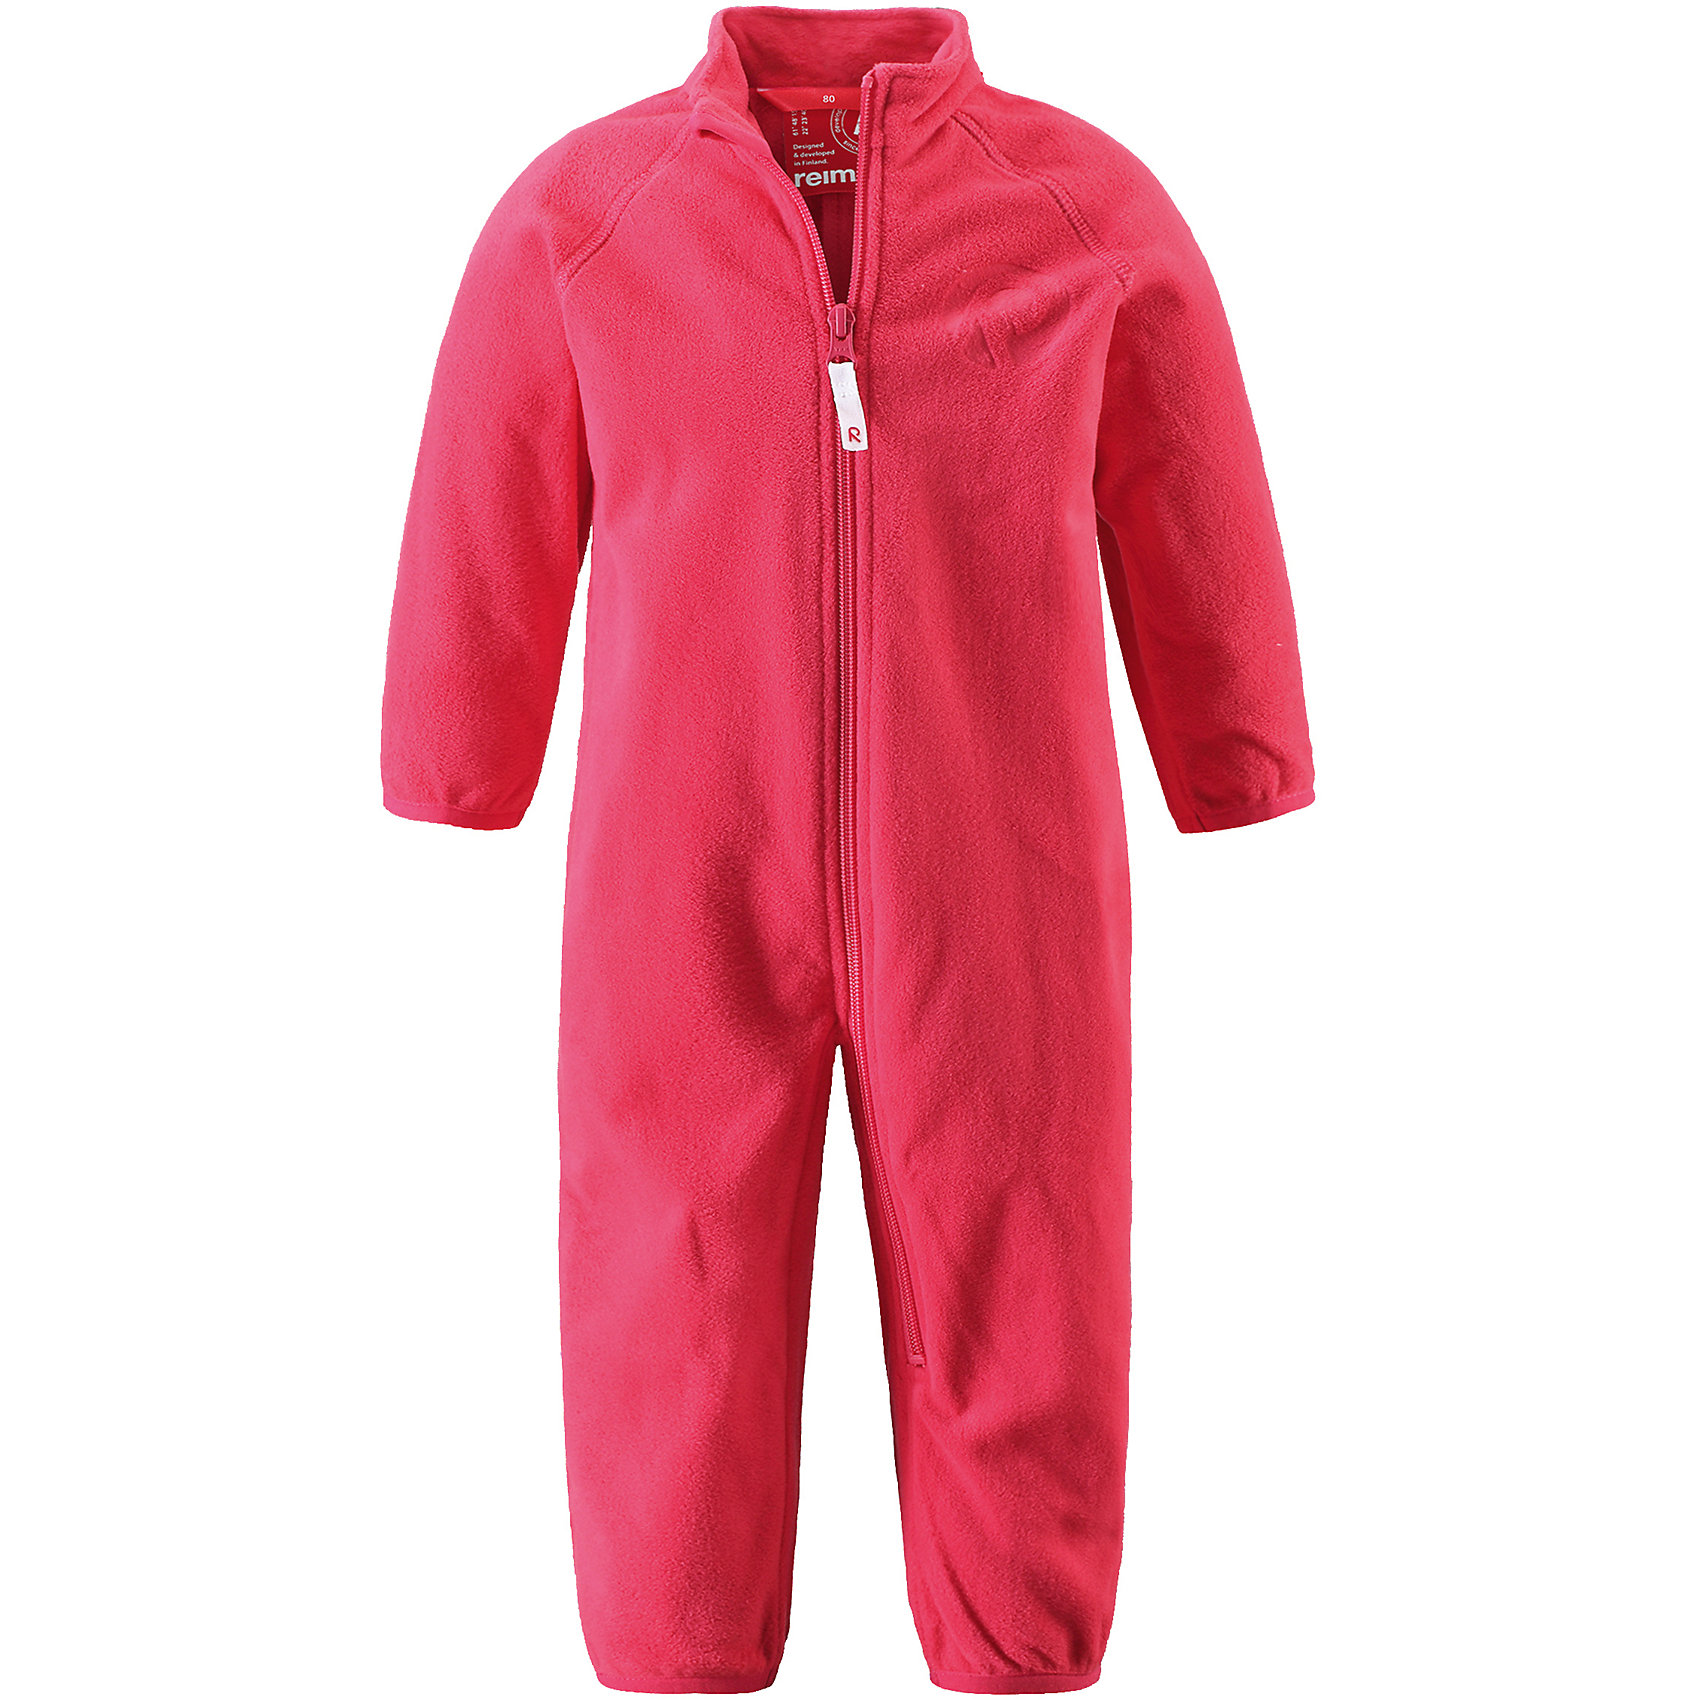 Комбинезон Kiesu для девочки ReimaФлис и термобелье<br>Характеристики товара:<br><br>• цвет: розовый<br>• состав: 100% полиэстер, флис<br>• тёплый, лёгкий и быстросохнущий полярный флис<br>• пристёгивается к верхней одежде Reima с помощью системы кнопок Play Layers<br>• эластичные манжеты на рукавах и брючинах<br>• молния во всю длину со вставкой для защиты подбородка<br>• с отделкой горячим тиснением<br>• комфортная посадка<br>• страна производства: Китай<br>• страна бренда: Финляндия<br>• коллекция: весна-лето 2017<br><br>Одежда для детей может быть теплой и комфортной одновременно! Удобный комбинезон поможет обеспечить ребенку комфорт и тепло. Изделие сшито из флиса - мягкого и теплого материала, приятного на ощупь. Модель стильно смотрится, отлично сочетается с различным низом. Симпатичный дизайн разрабатывался специально для детей.<br><br>Одежда и обувь от финского бренда Reima пользуется популярностью во многих странах. Эти изделия стильные, качественные и удобные. Для производства продукции используются только безопасные, проверенные материалы и фурнитура. Порадуйте ребенка модными и красивыми вещами от Reima! <br><br>Комбинезон от финского бренда Reima (Рейма) можно купить в нашем интернет-магазине.<br><br>Ширина мм: 190<br>Глубина мм: 74<br>Высота мм: 229<br>Вес г: 236<br>Цвет: розовый<br>Возраст от месяцев: 24<br>Возраст до месяцев: 36<br>Пол: Женский<br>Возраст: Детский<br>Размер: 98,68,74,80,86,92<br>SKU: 5271317